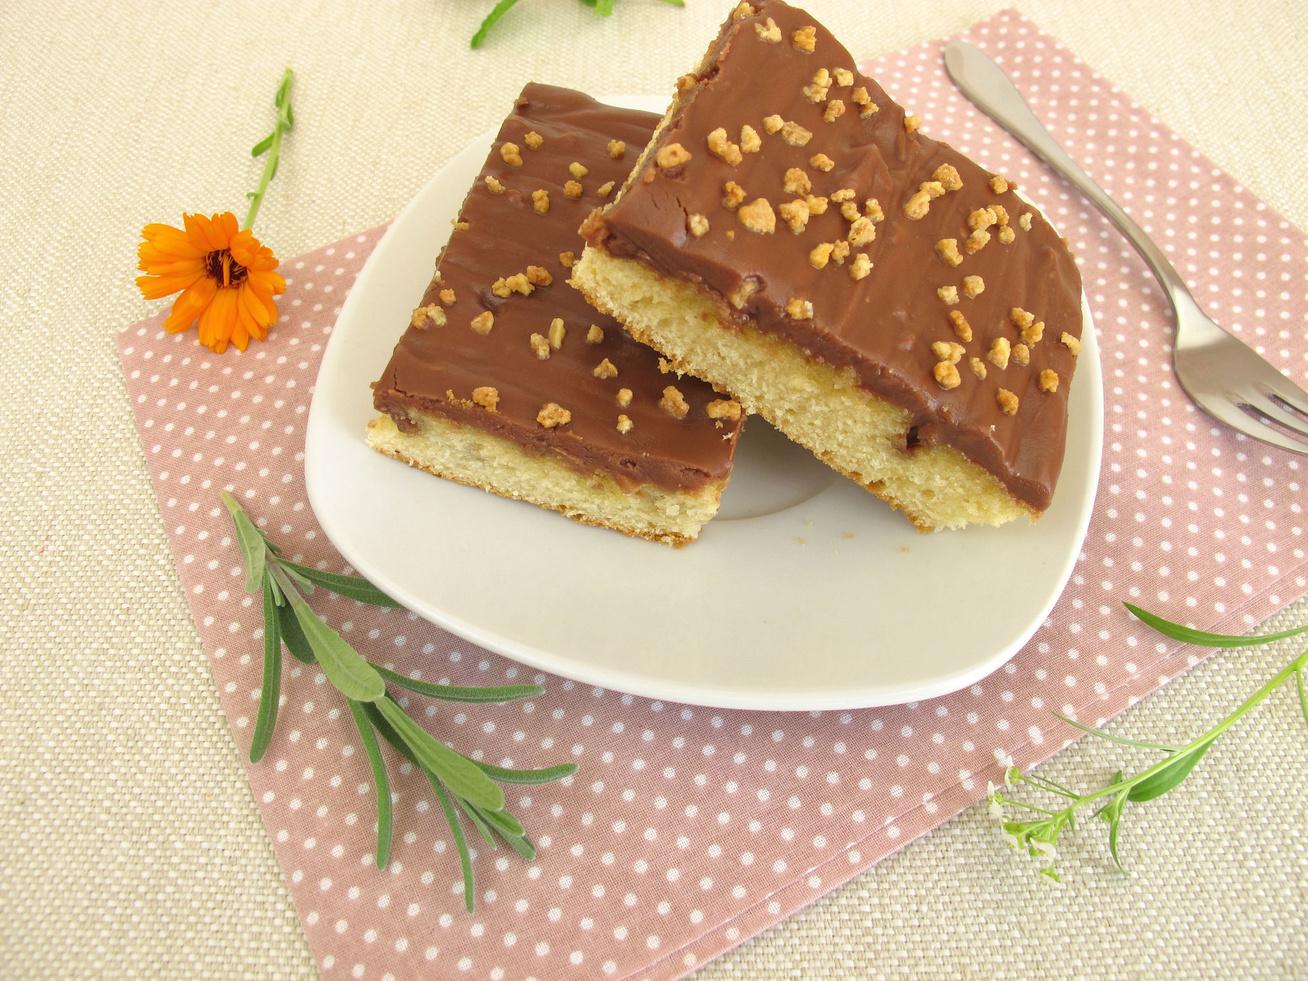 Pillekönnyű vizes piskóta házi csokikrémmel - Egyszerű receptet mutatunk